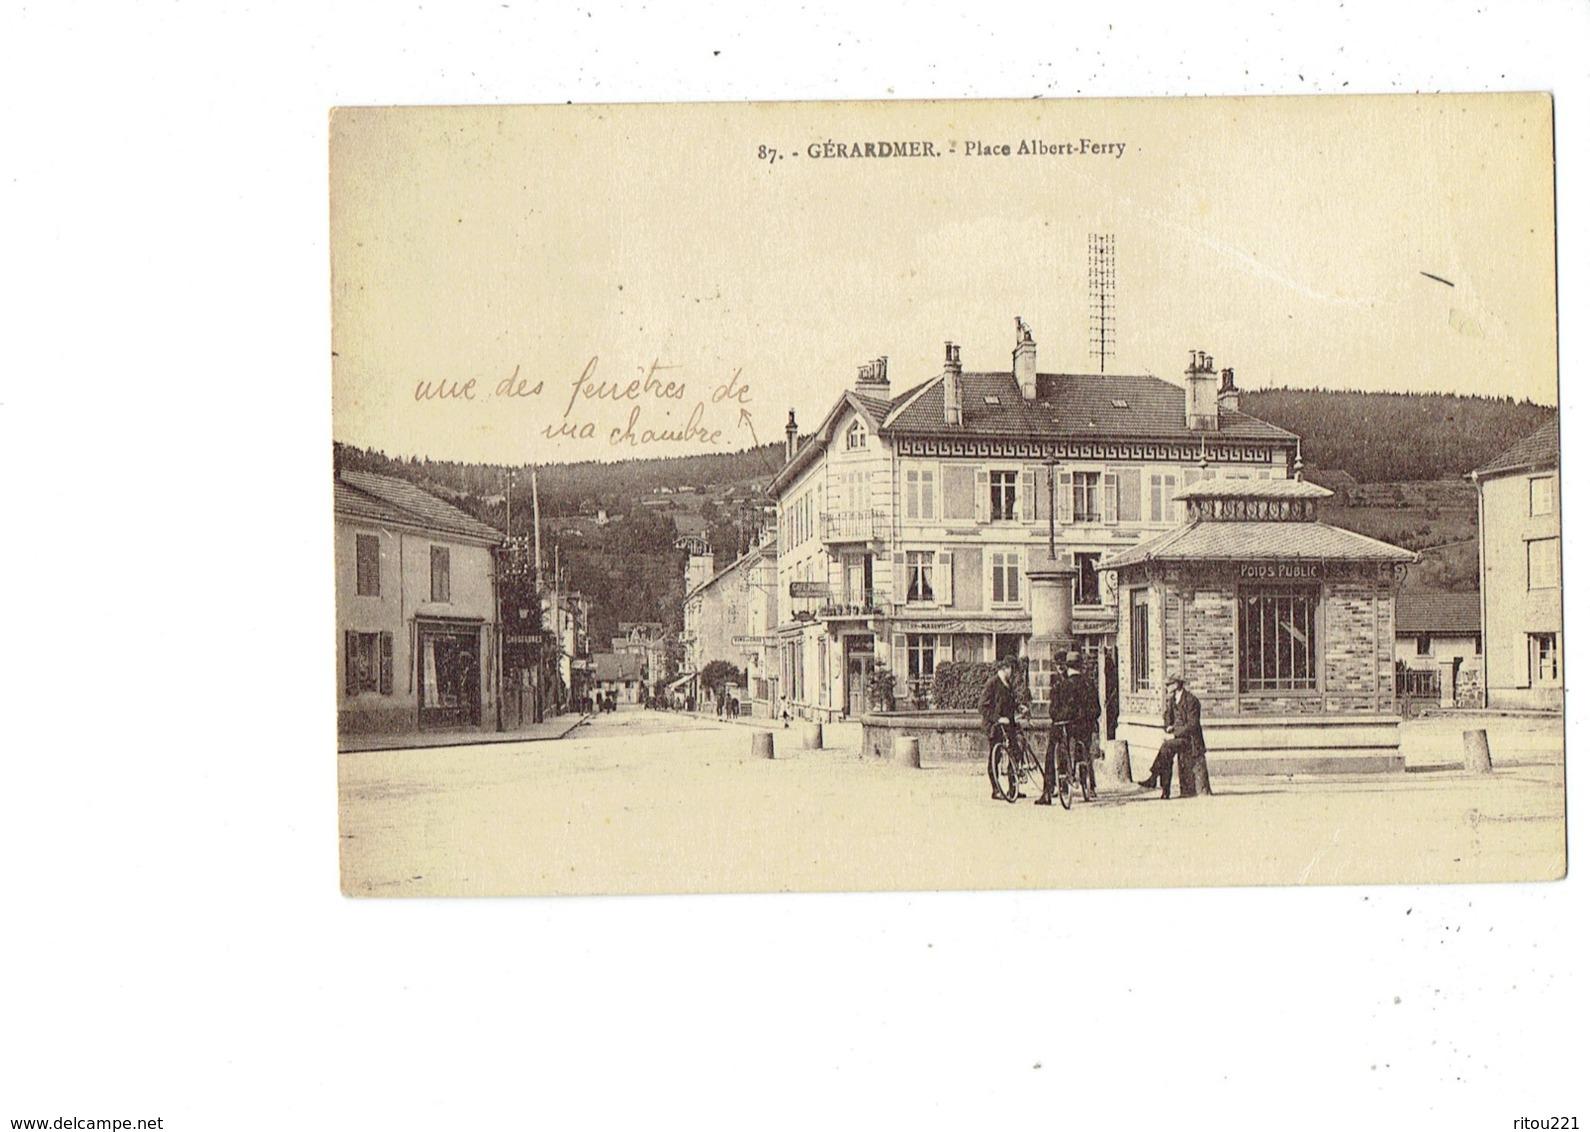 Cpa - 88 - Gerardmer - Place Albert Ferry - N°87 - Animation Poids Public Café Bière MAXEVILLE -  BICYCLETTE - Gerardmer